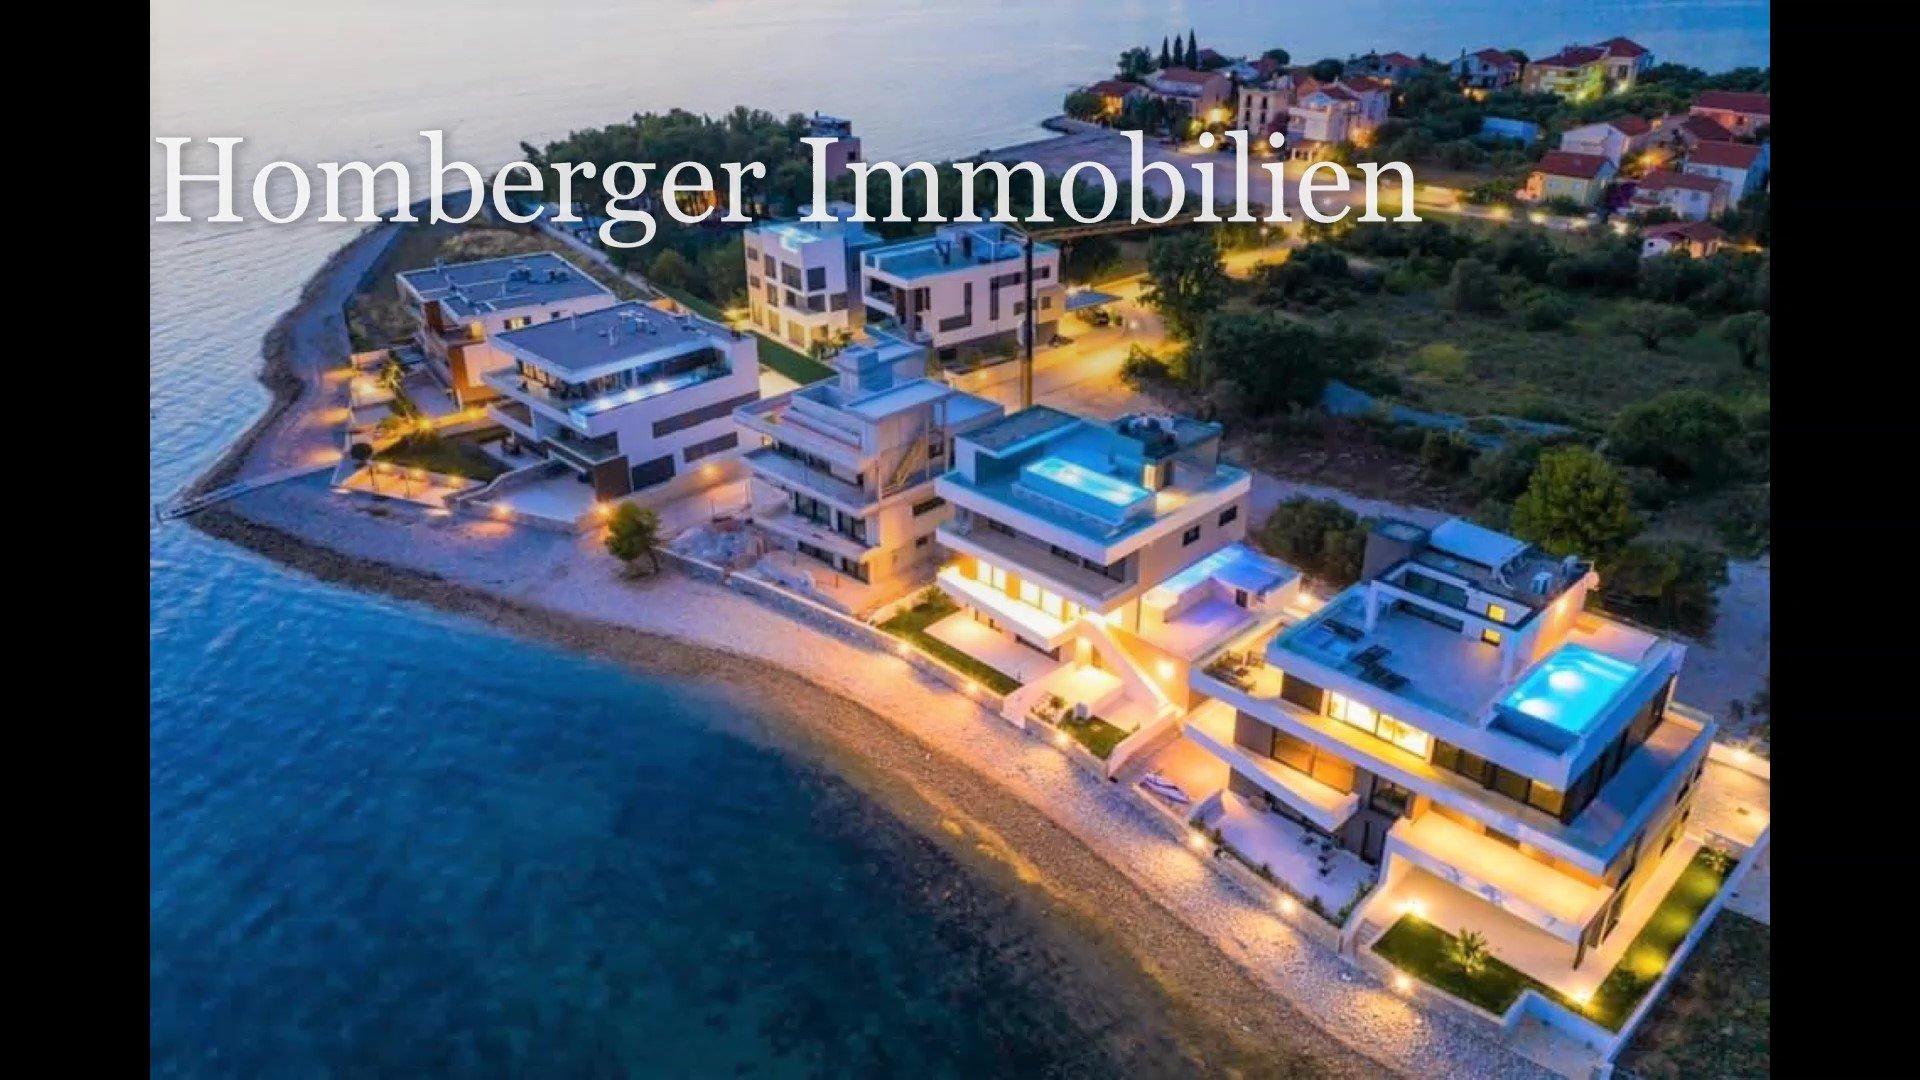 Luxuriöse Wohnung in exklusiver Lage, erste Reihe zum Meer und zum Strand